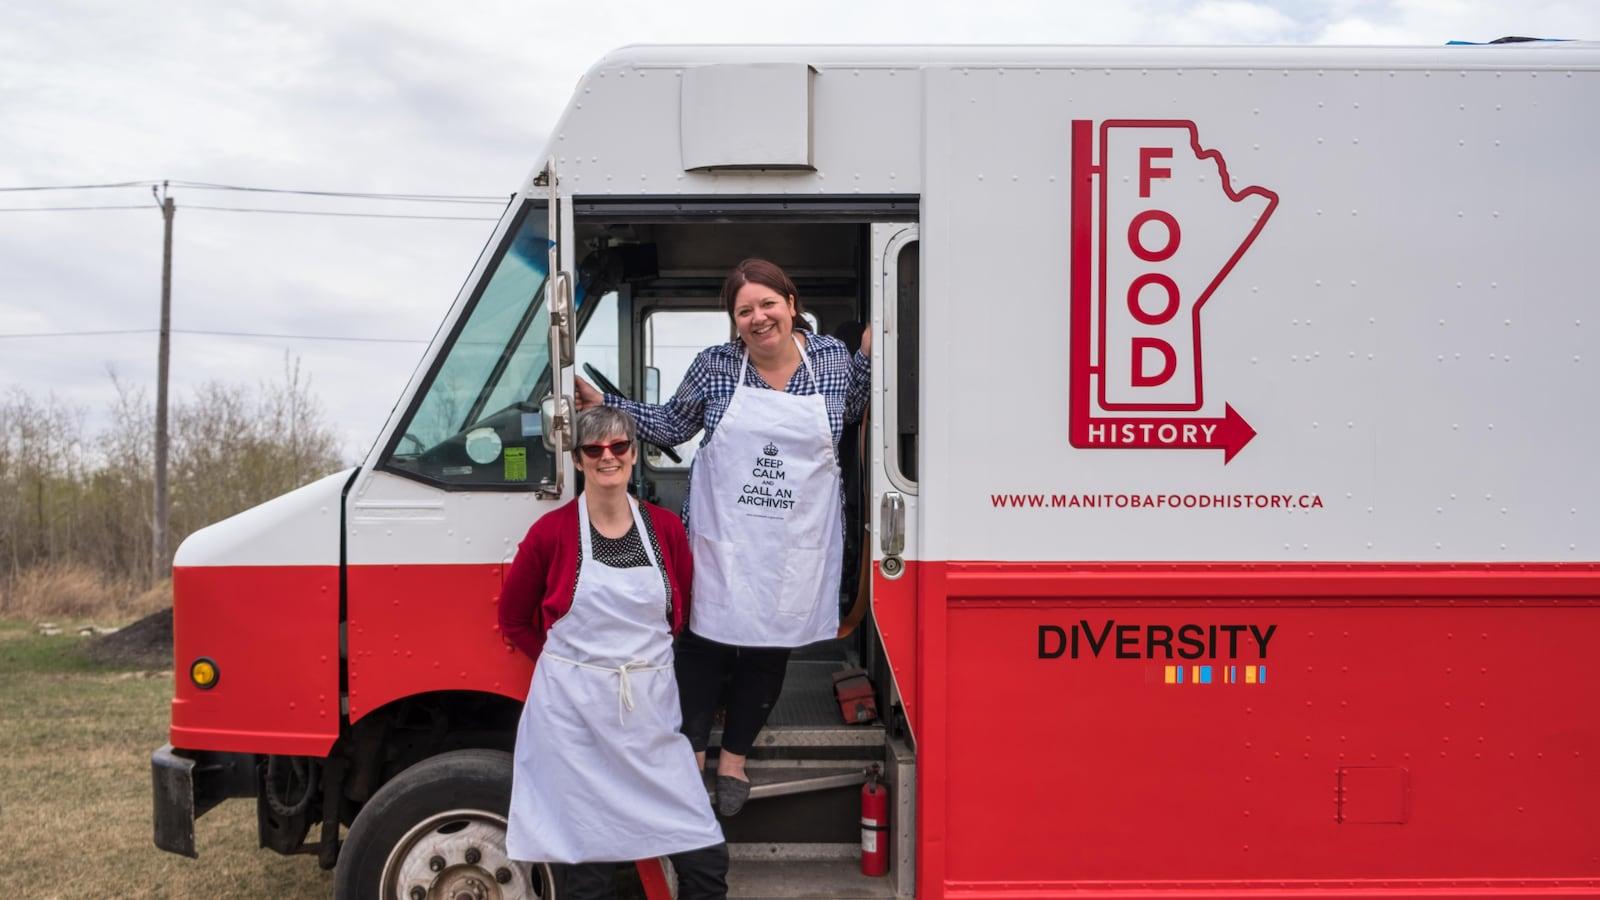 Deux femmes posent devant un camion restaurant repeint en blanc et rouge et sur lequel on lit Manitoba Food History.